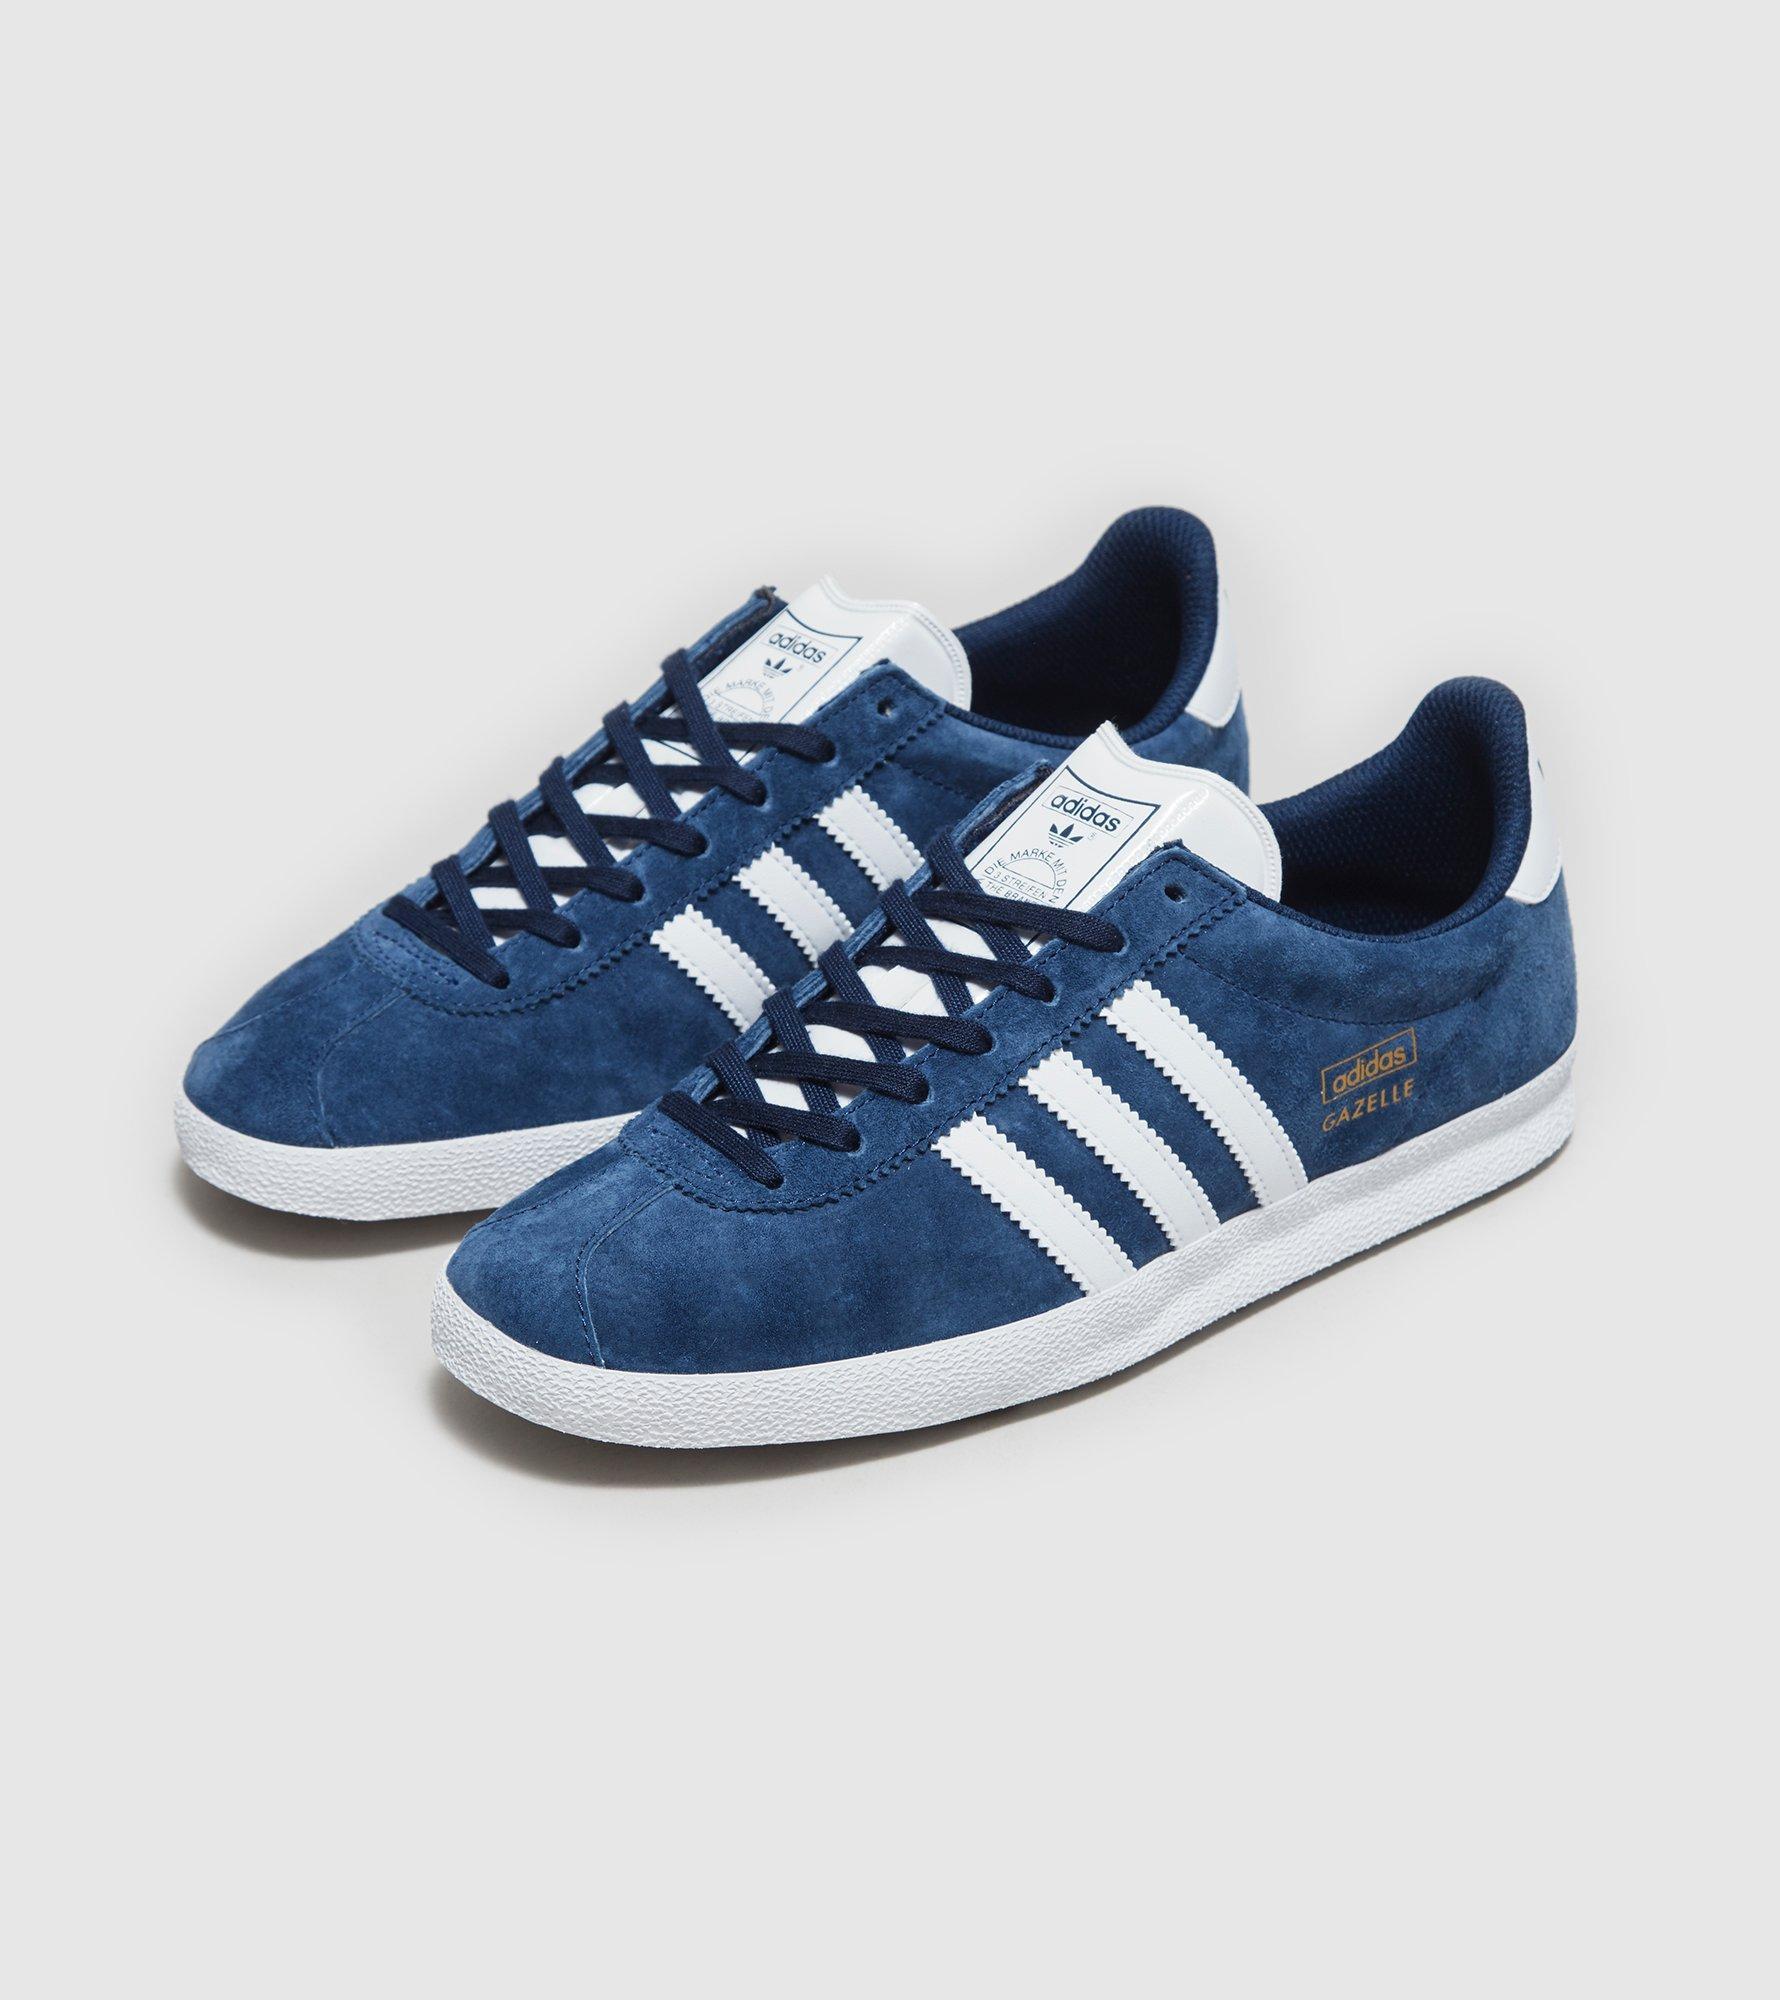 Adidas Originals Gazelle 2 - Dark Indigo/Blue/White